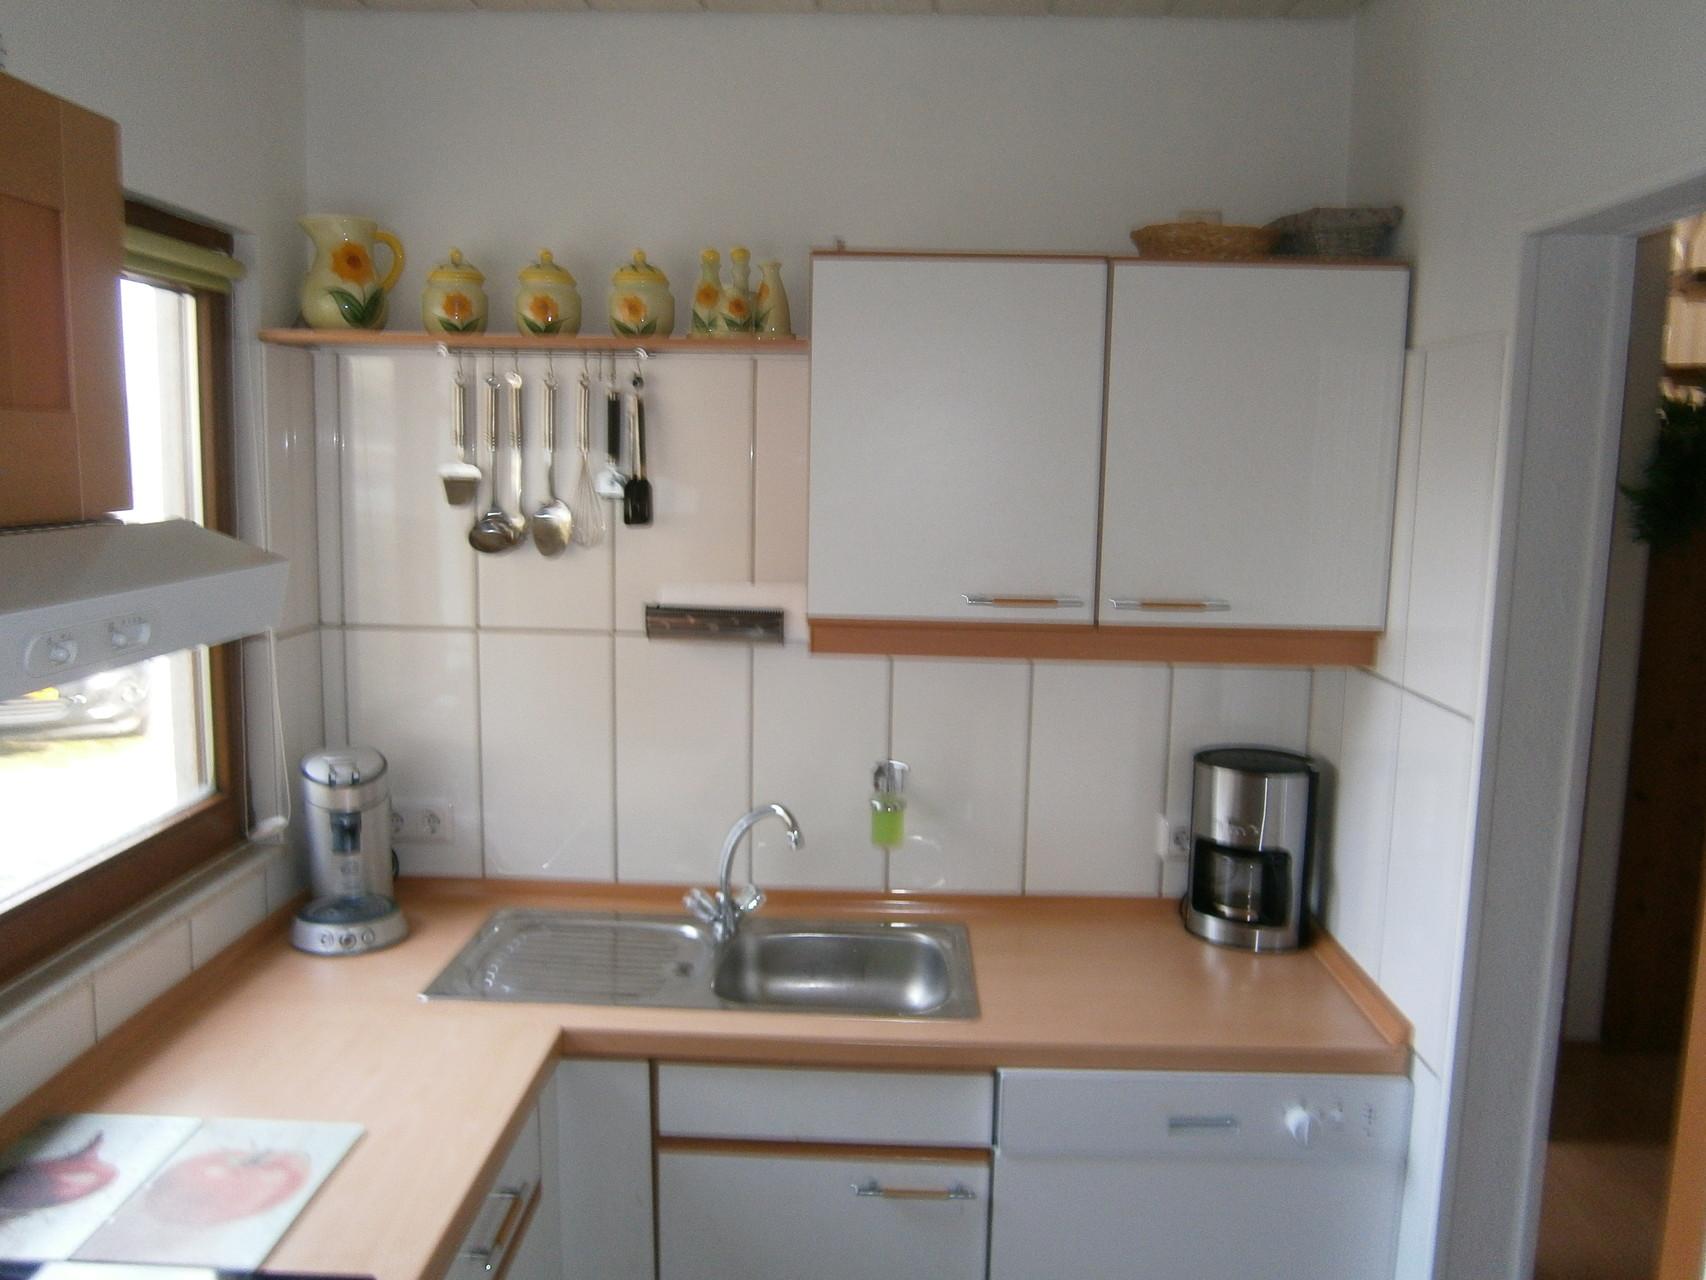 Küche auf der rechten Seite